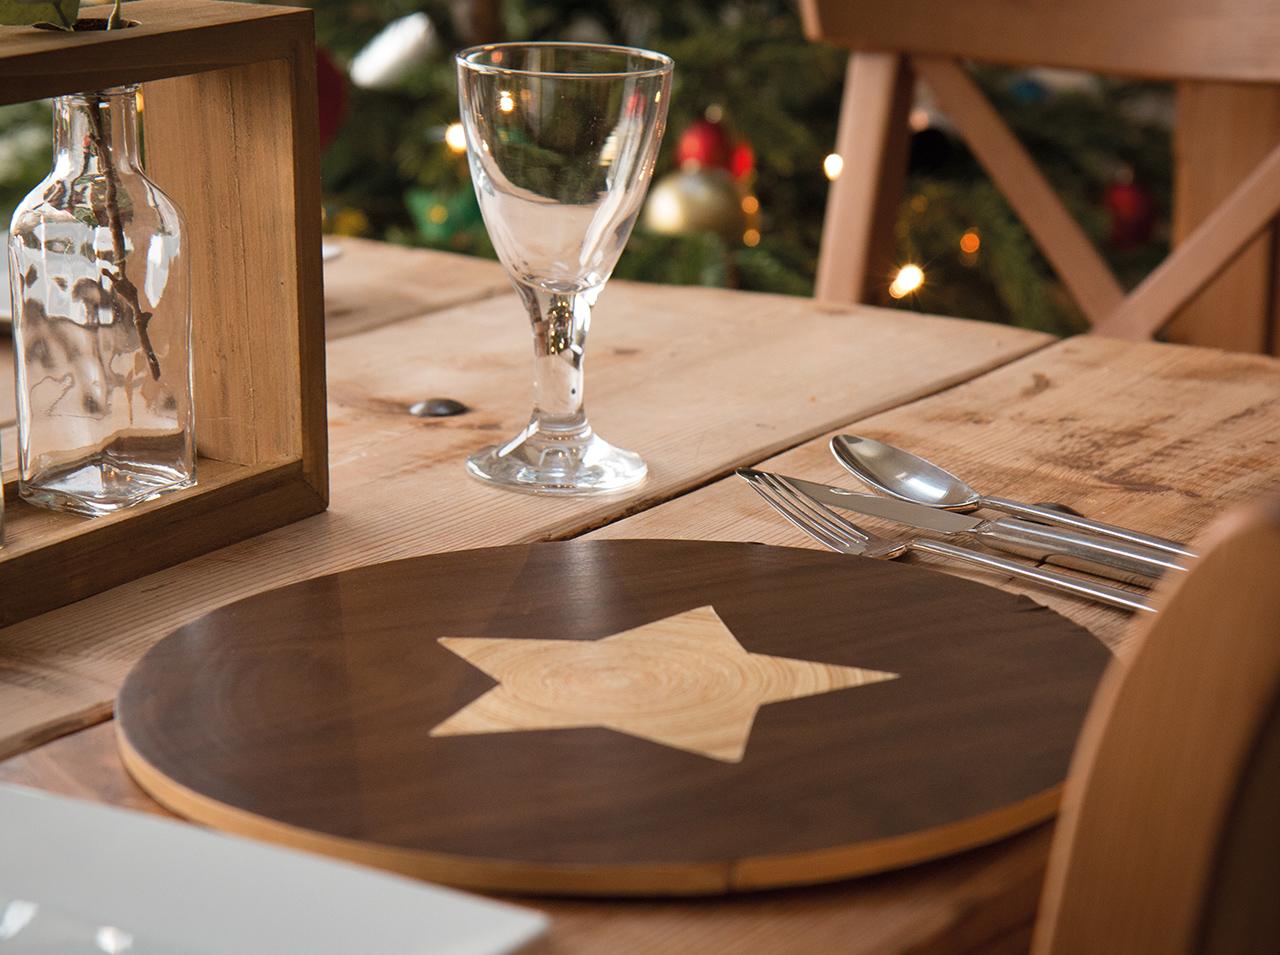 dcfix Möbel Klebefolie Dekofolie DIY Deko Esstisch Weihnachten